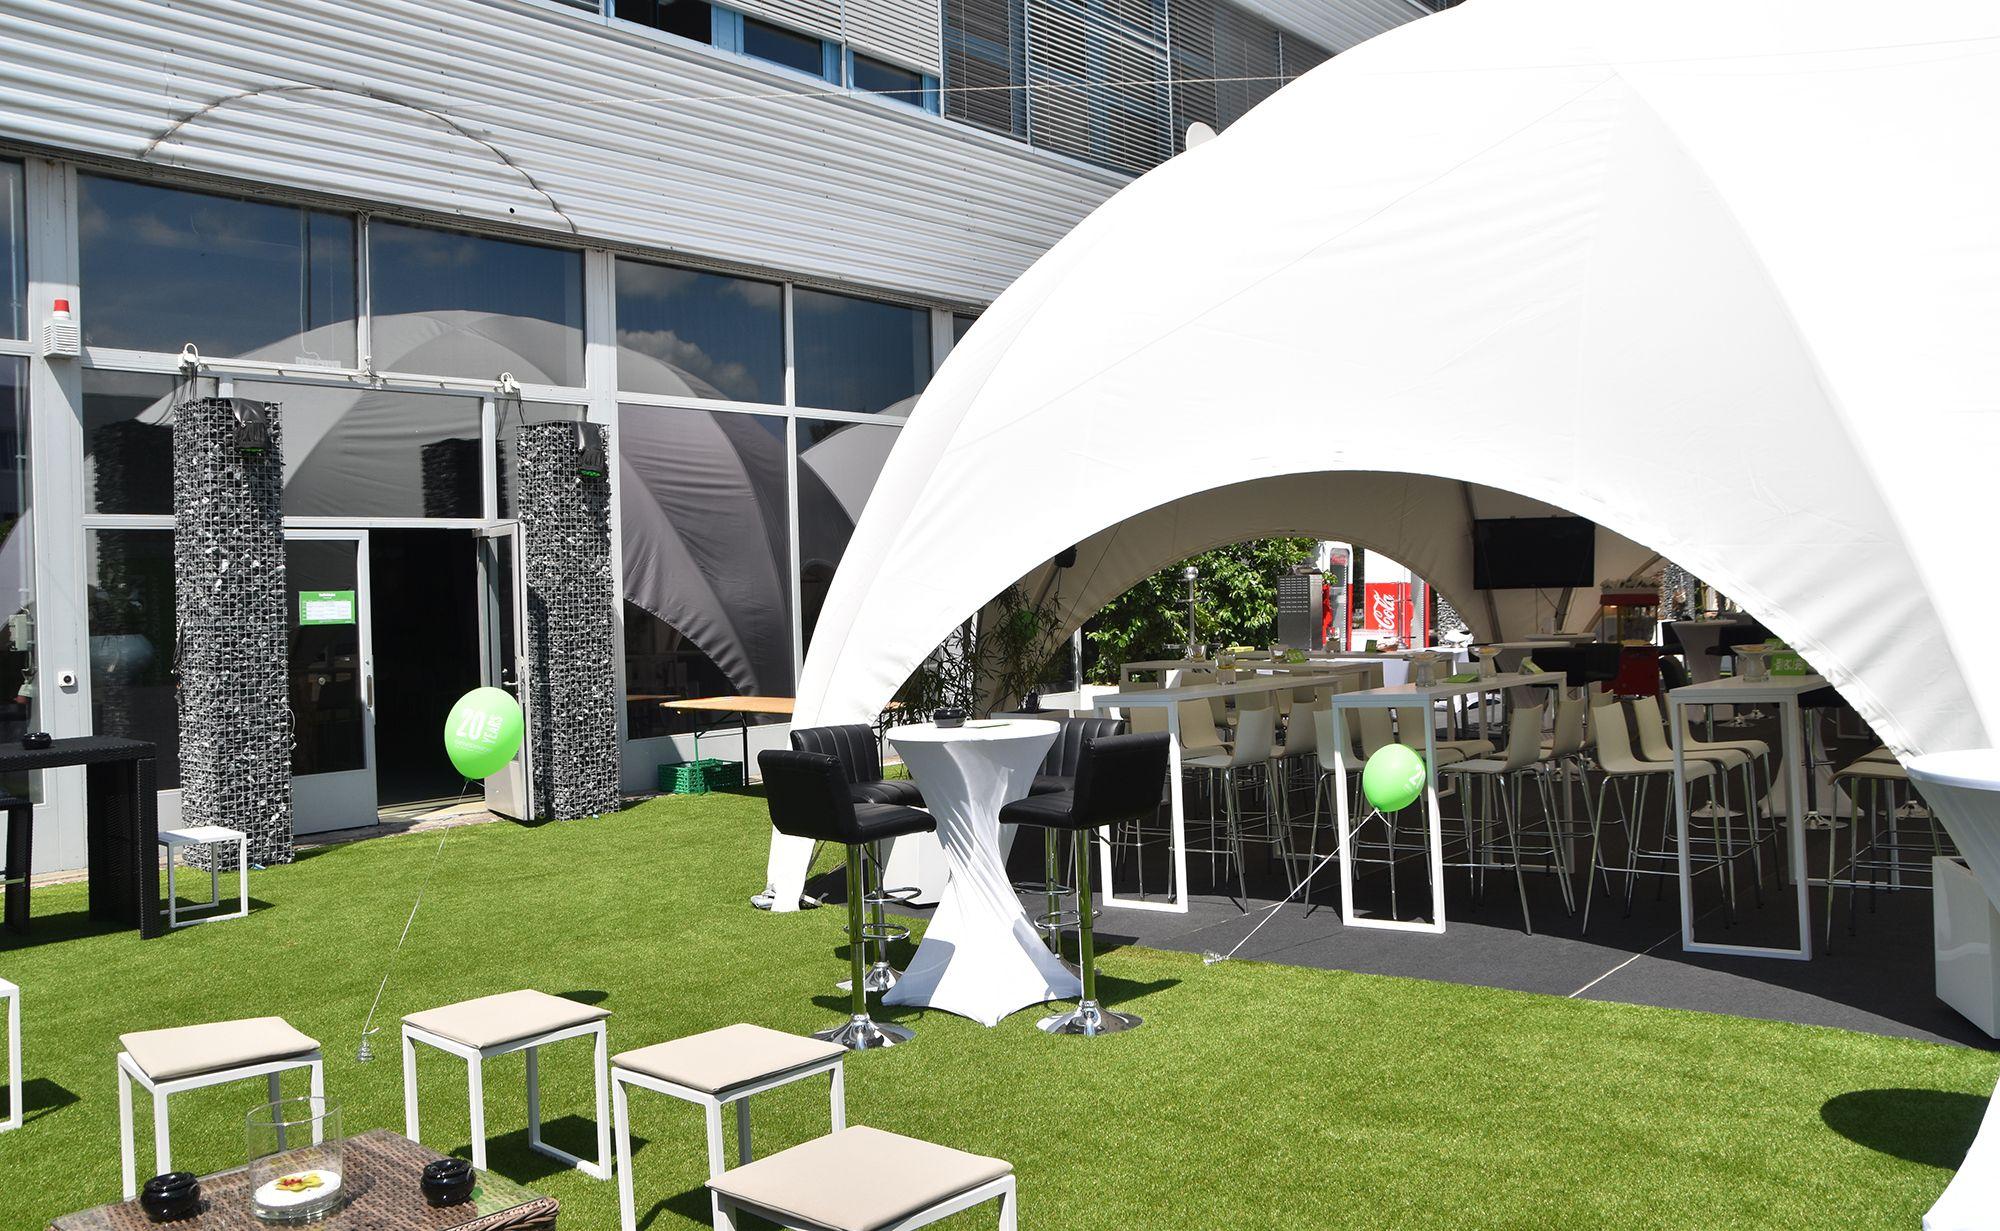 bild_background_outdoor_garten_eventgarten_outdoorbereich_10_starlite_eventhall_eventlocation_eventlokal_event_hall_location_lokal_venue_rapperswil_jona_zuerichsee